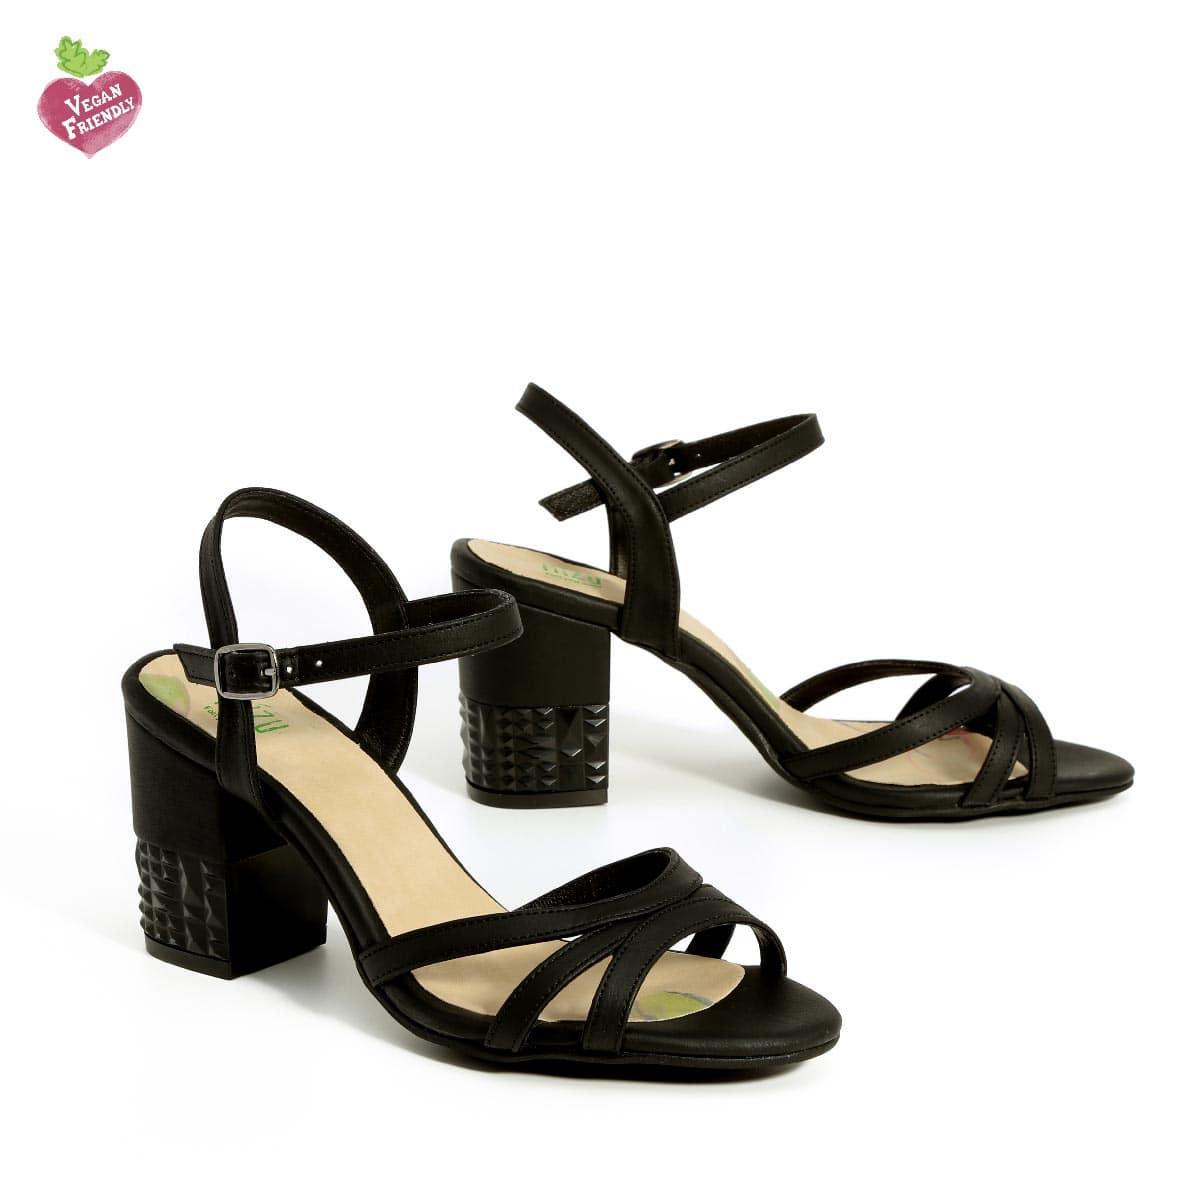 דגם שרית: נעלי עקב טבעוניות בצבע שחור - MIZU